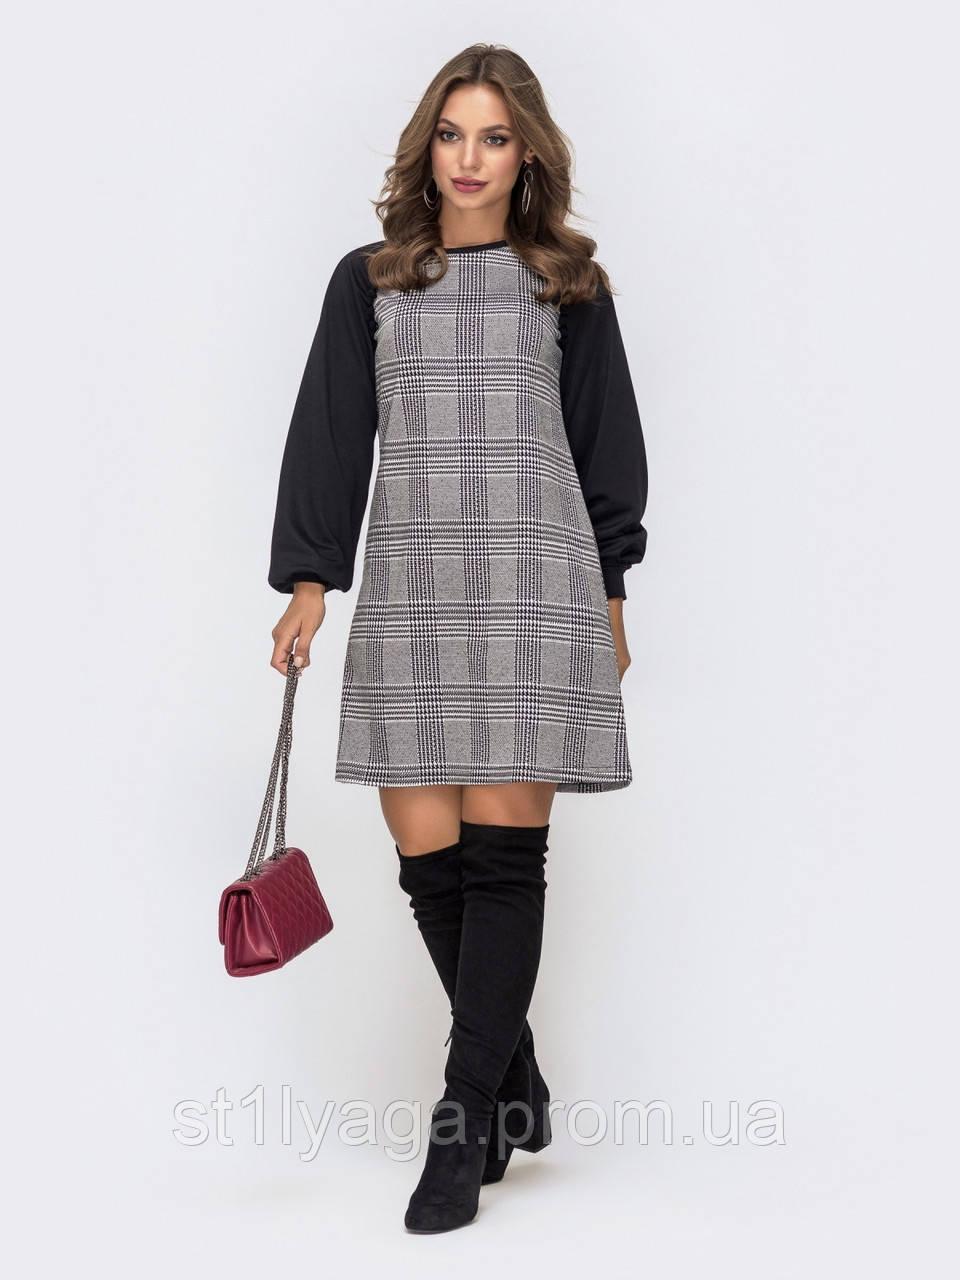 Трикотажное платье мини в клетку с контрастными длинными рукавами  серый